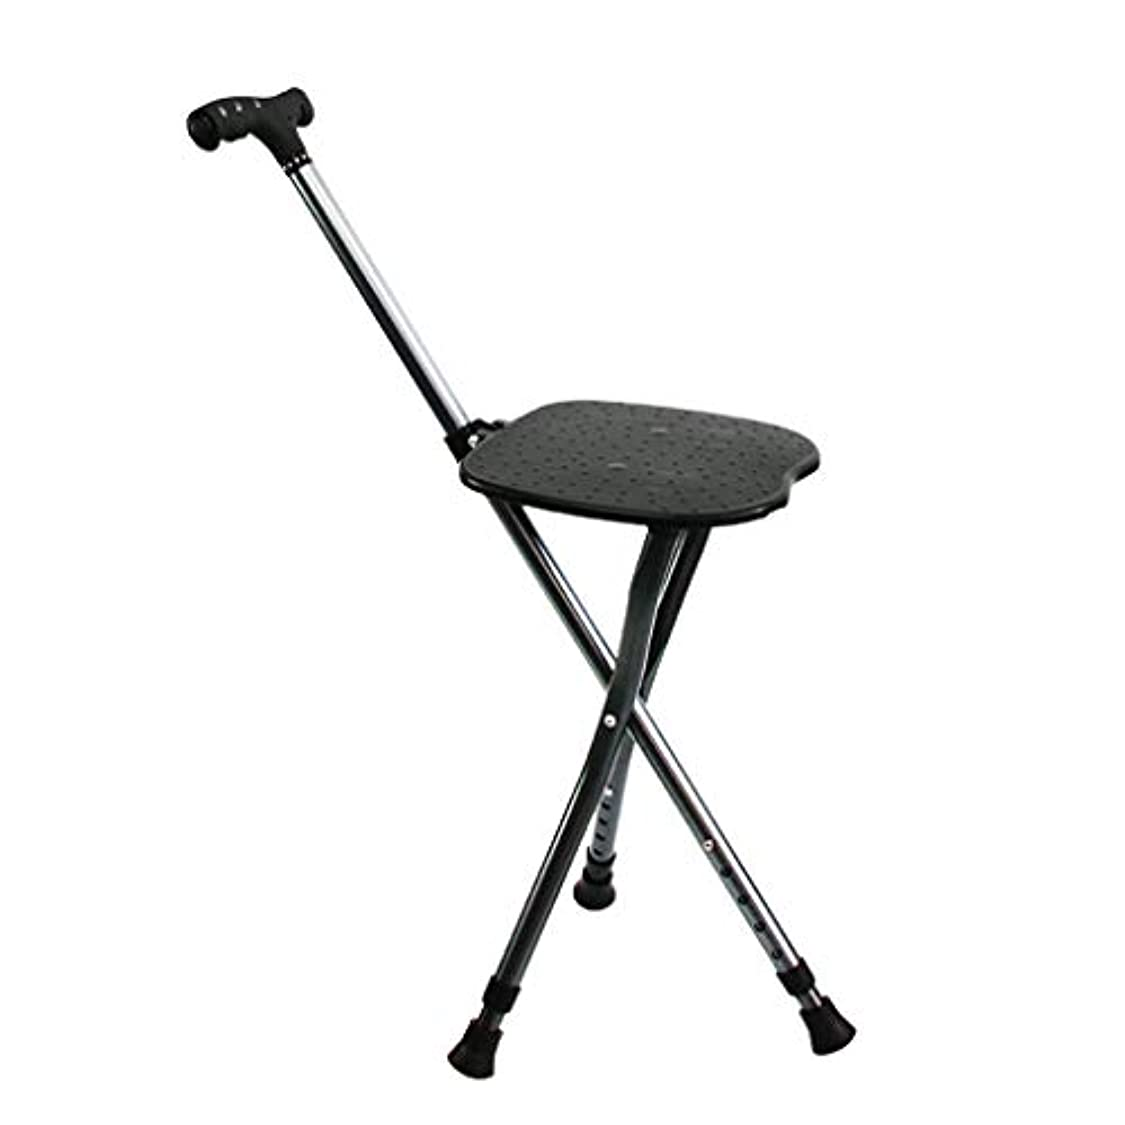 ドキュメンタリー頑固な決定する人間工学的のハンドルが付いている杖の軽量の杖の座席男性/女性のための調節可能な高さのレベル関節炎の高齢者の障害者および滑り止めの基盤が付いている年配の移動性の杖最高100kg